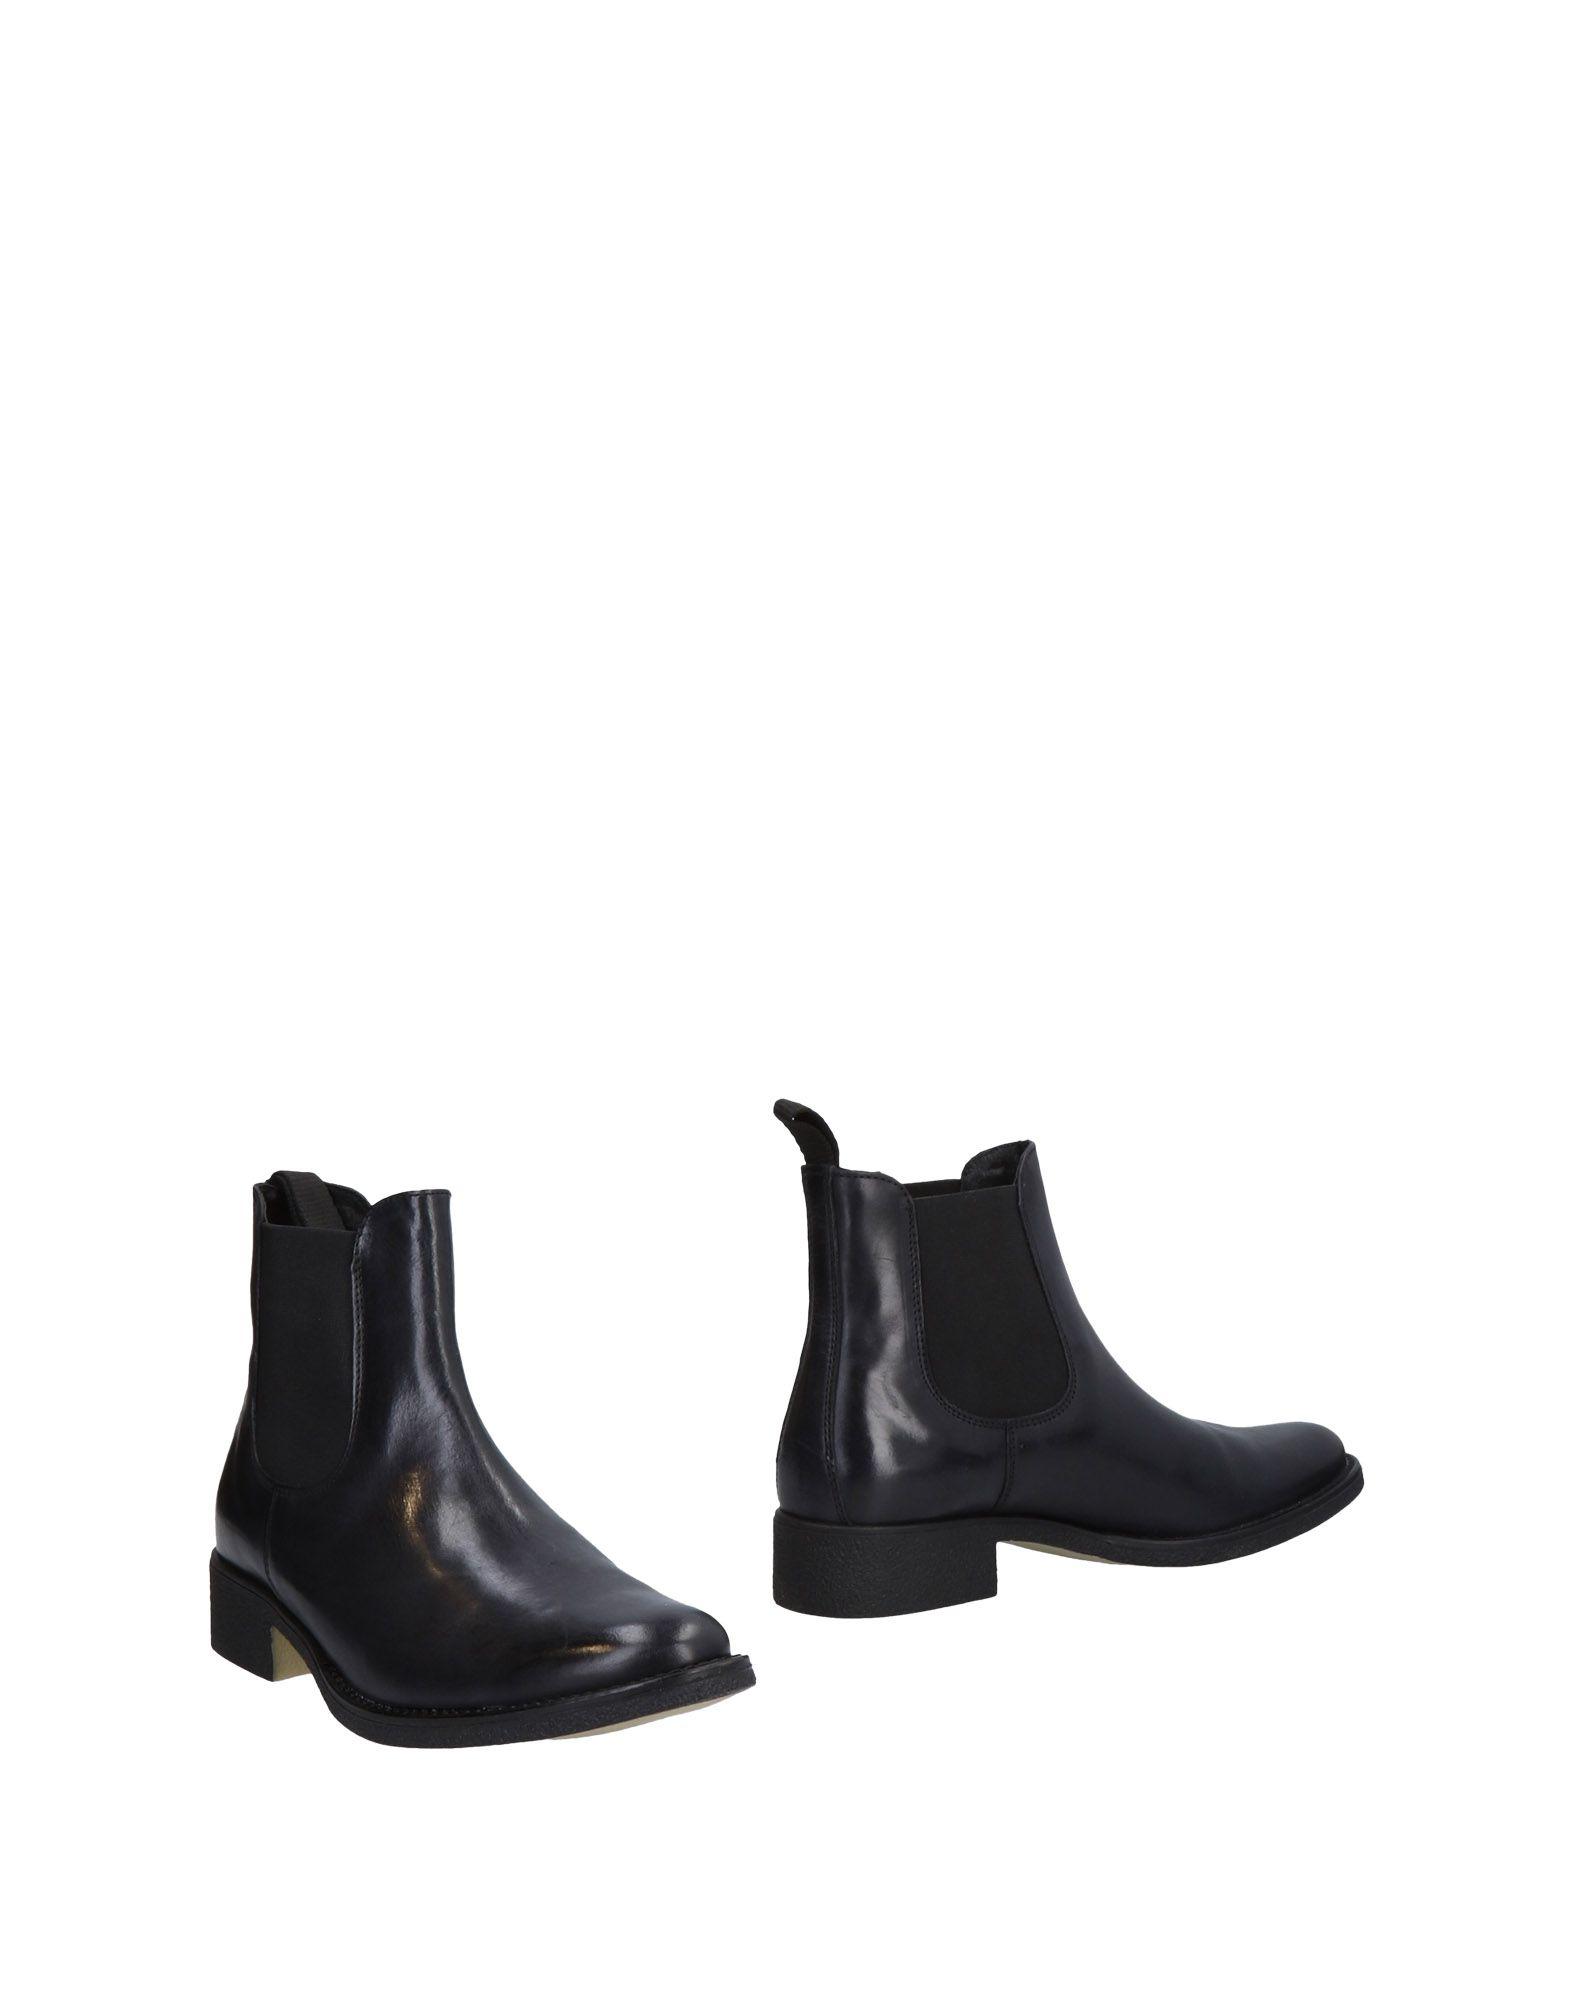 Bottillons Soldini Femme - Bottillons Soldini Noir Nouvelles chaussures pour hommes et femmes, remise limitée dans le temps